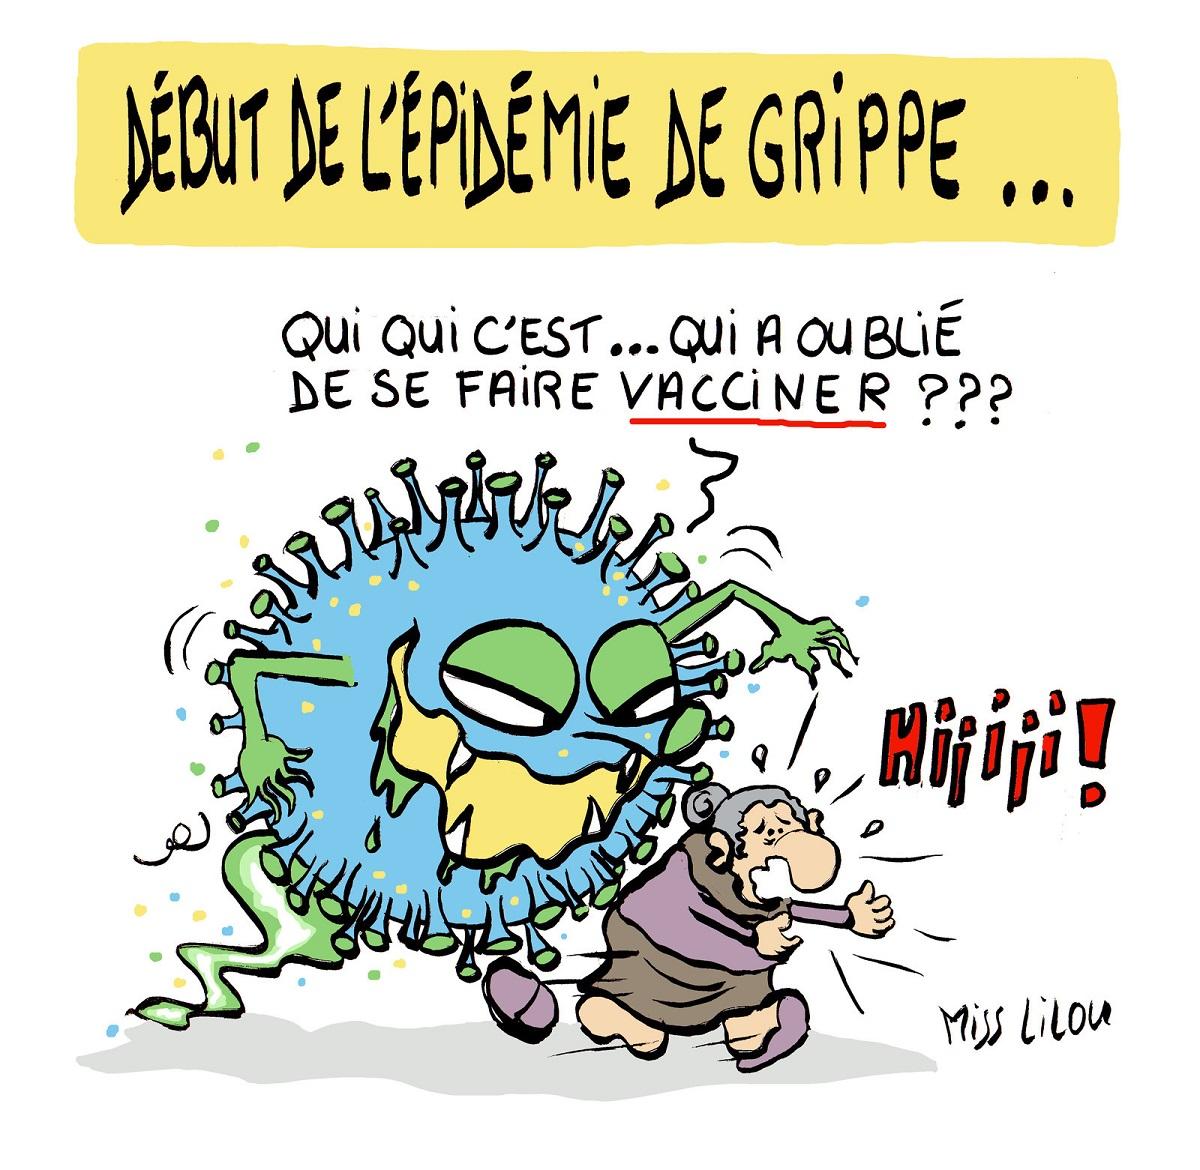 dessin humoristique d'un virus de la grippe poursuivant une personne âgée